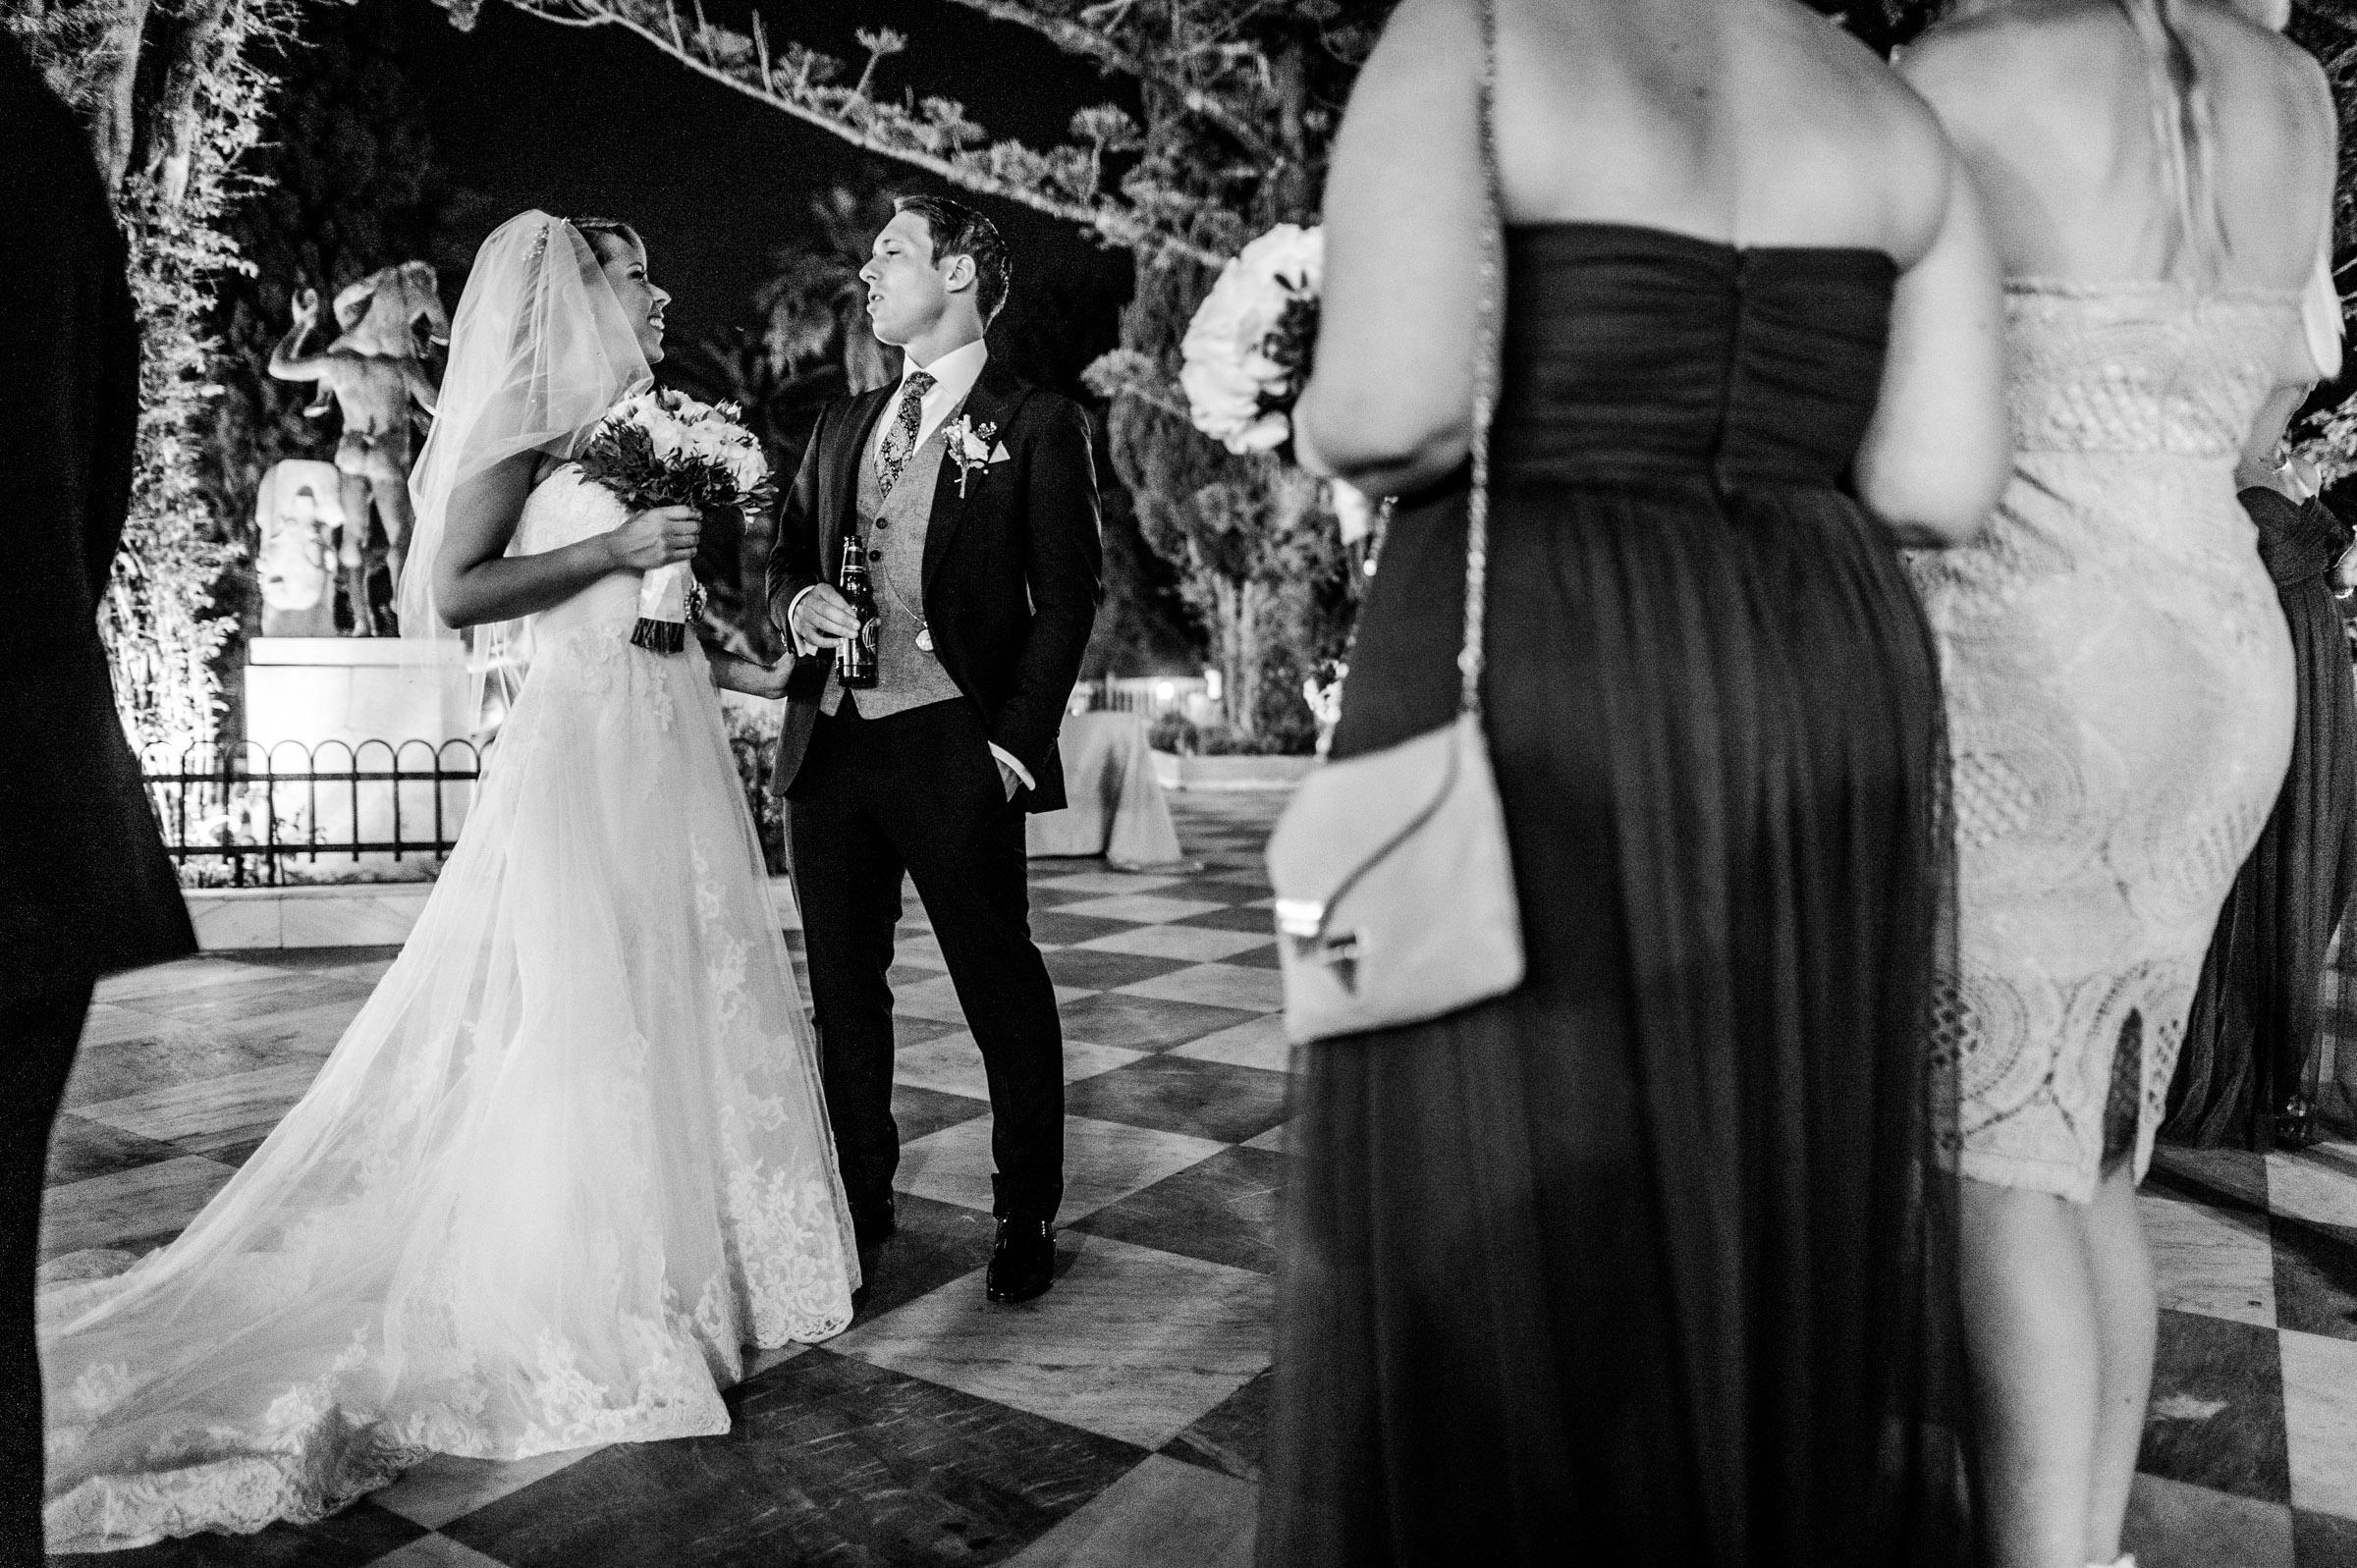 Corfu-Wedding-Photography-0058.jpg